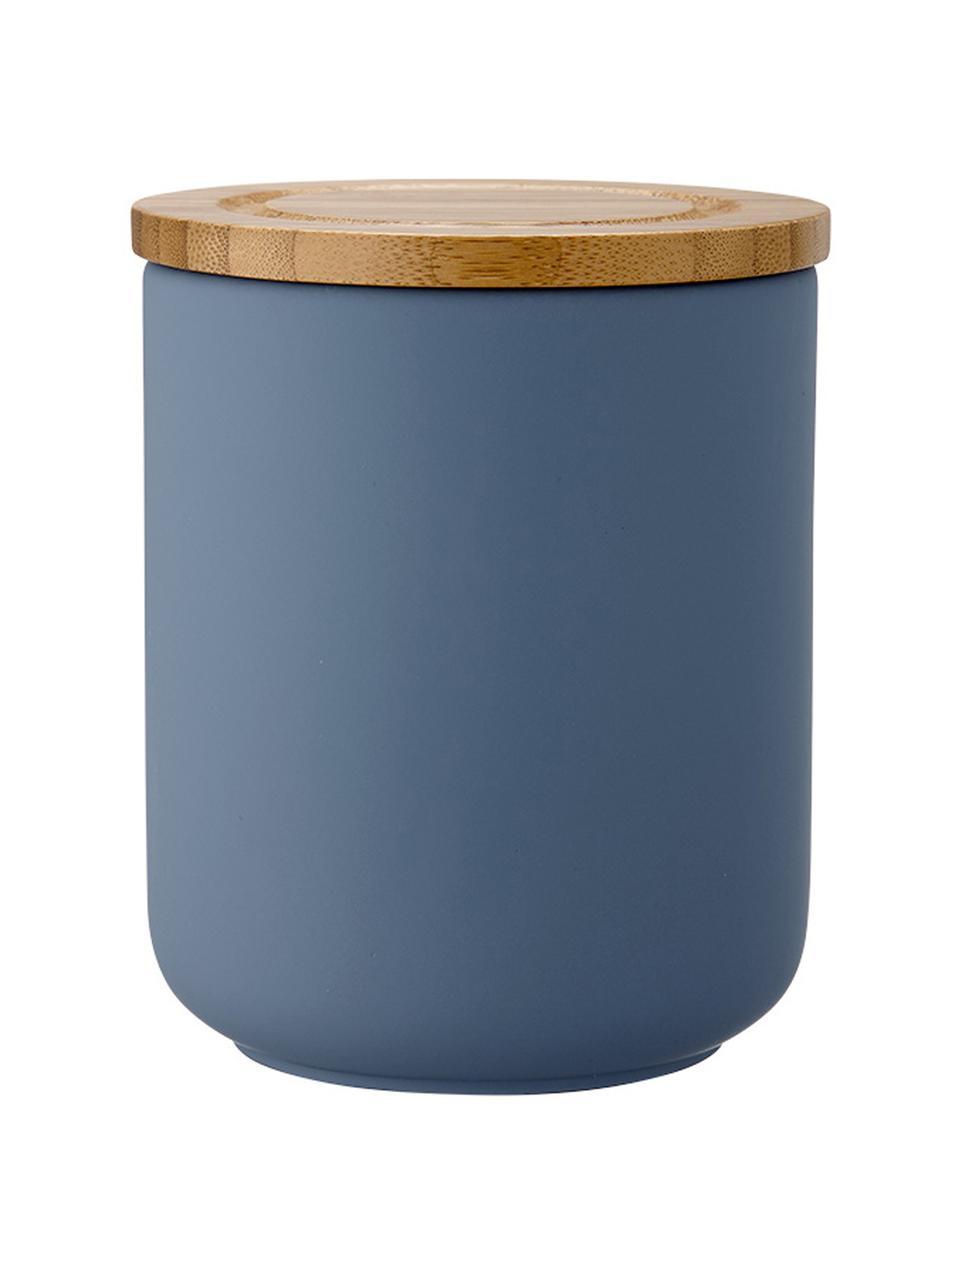 Aufbewahrungsdose Stak, verschiedene Größen, Dose: Keramik, Deckel: Bambusholz, Mattblau, Bambus, Ø 10 x H 13 cm